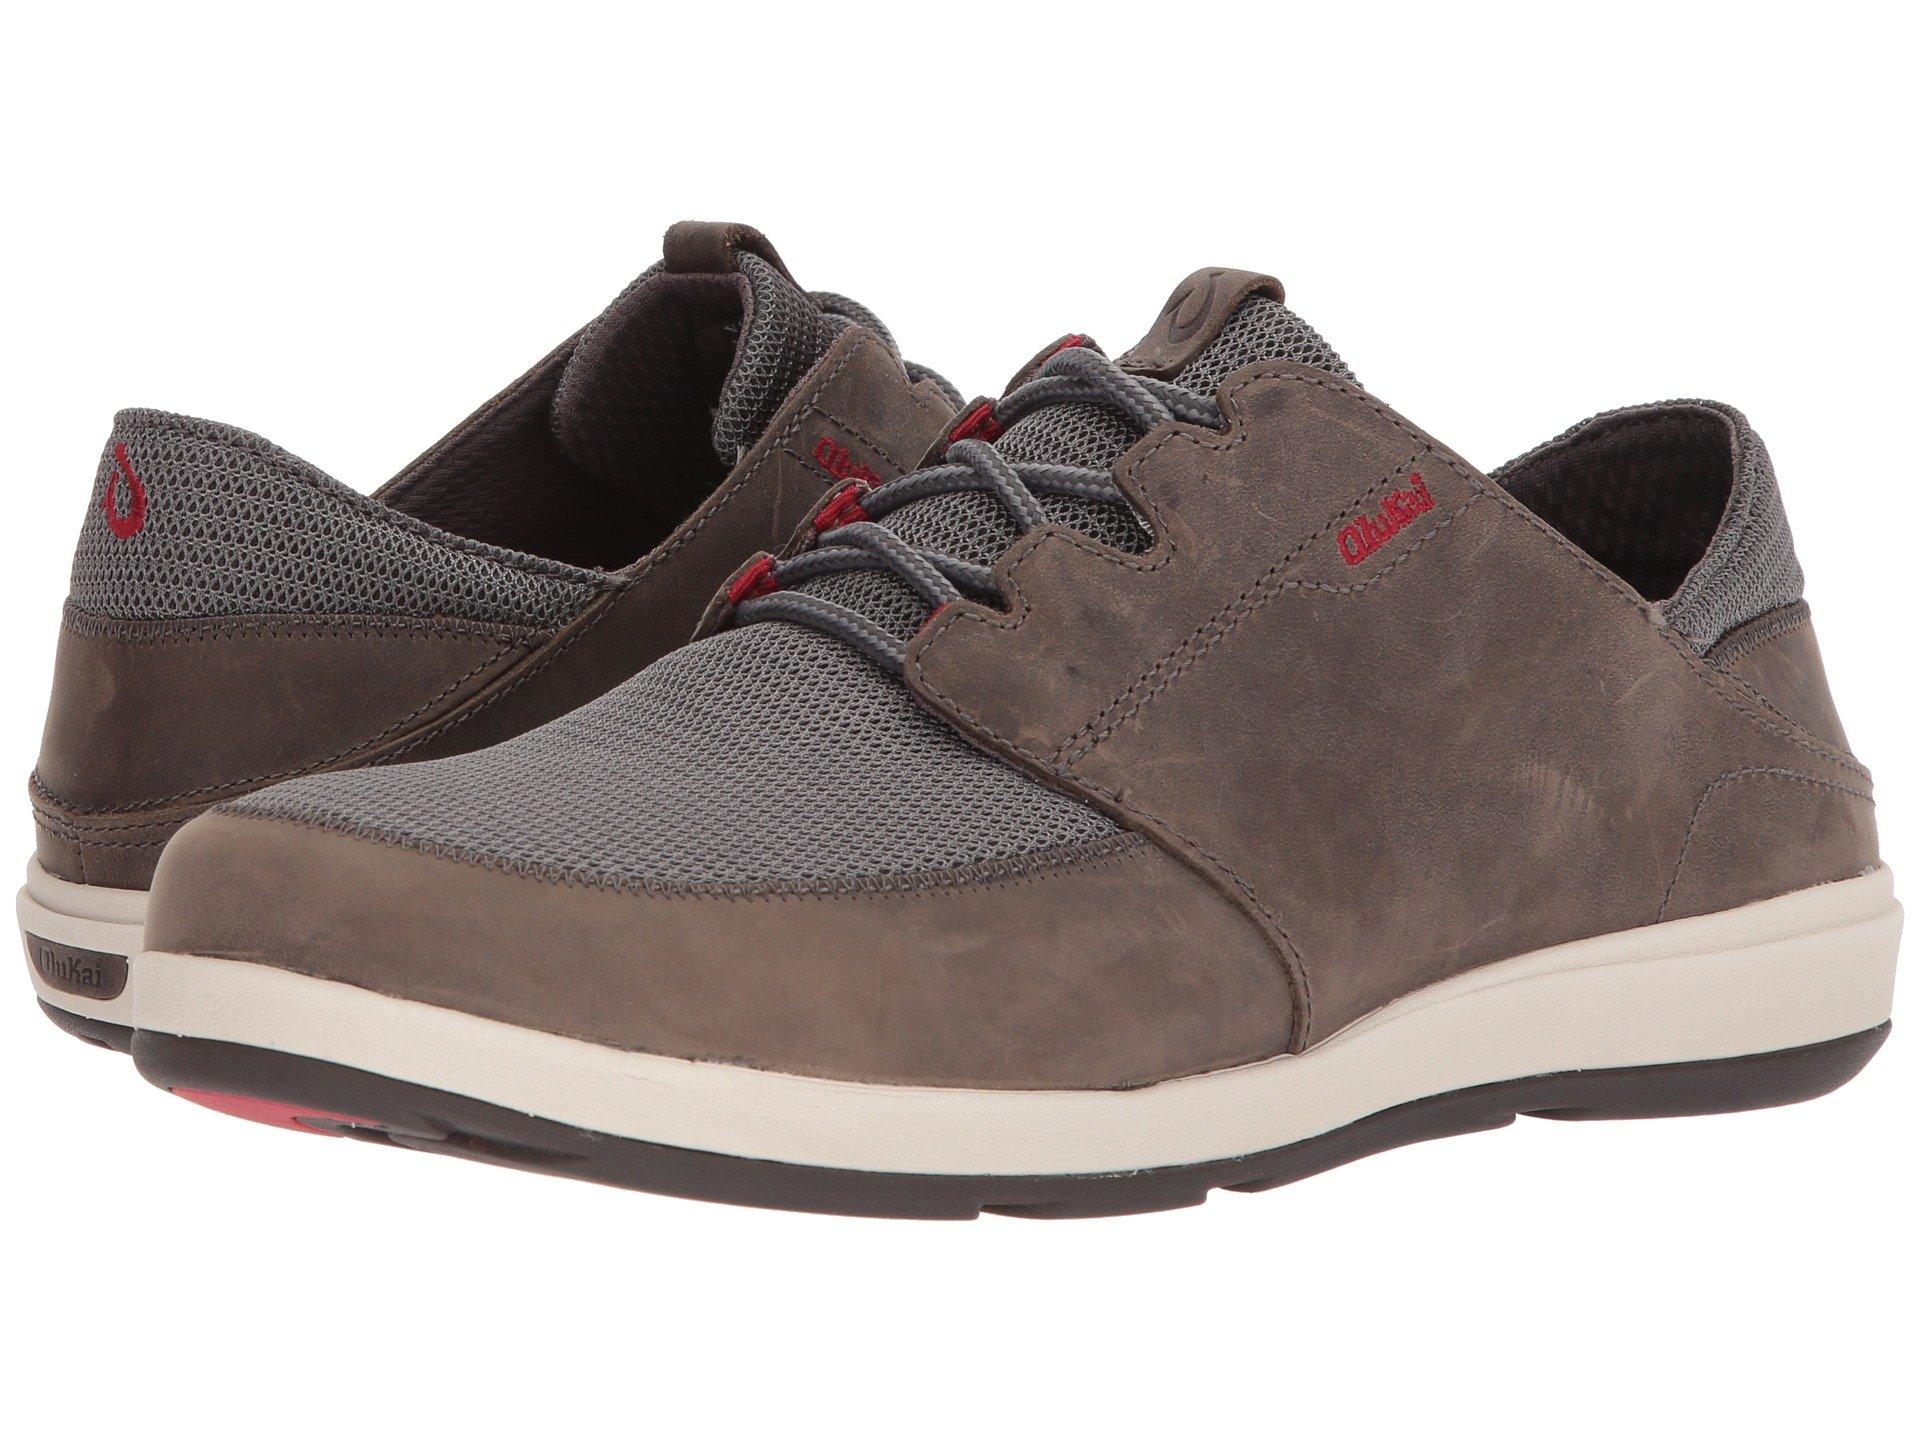 5bc389933f6b8 Men s OluKai Shoes + FREE SHIPPING